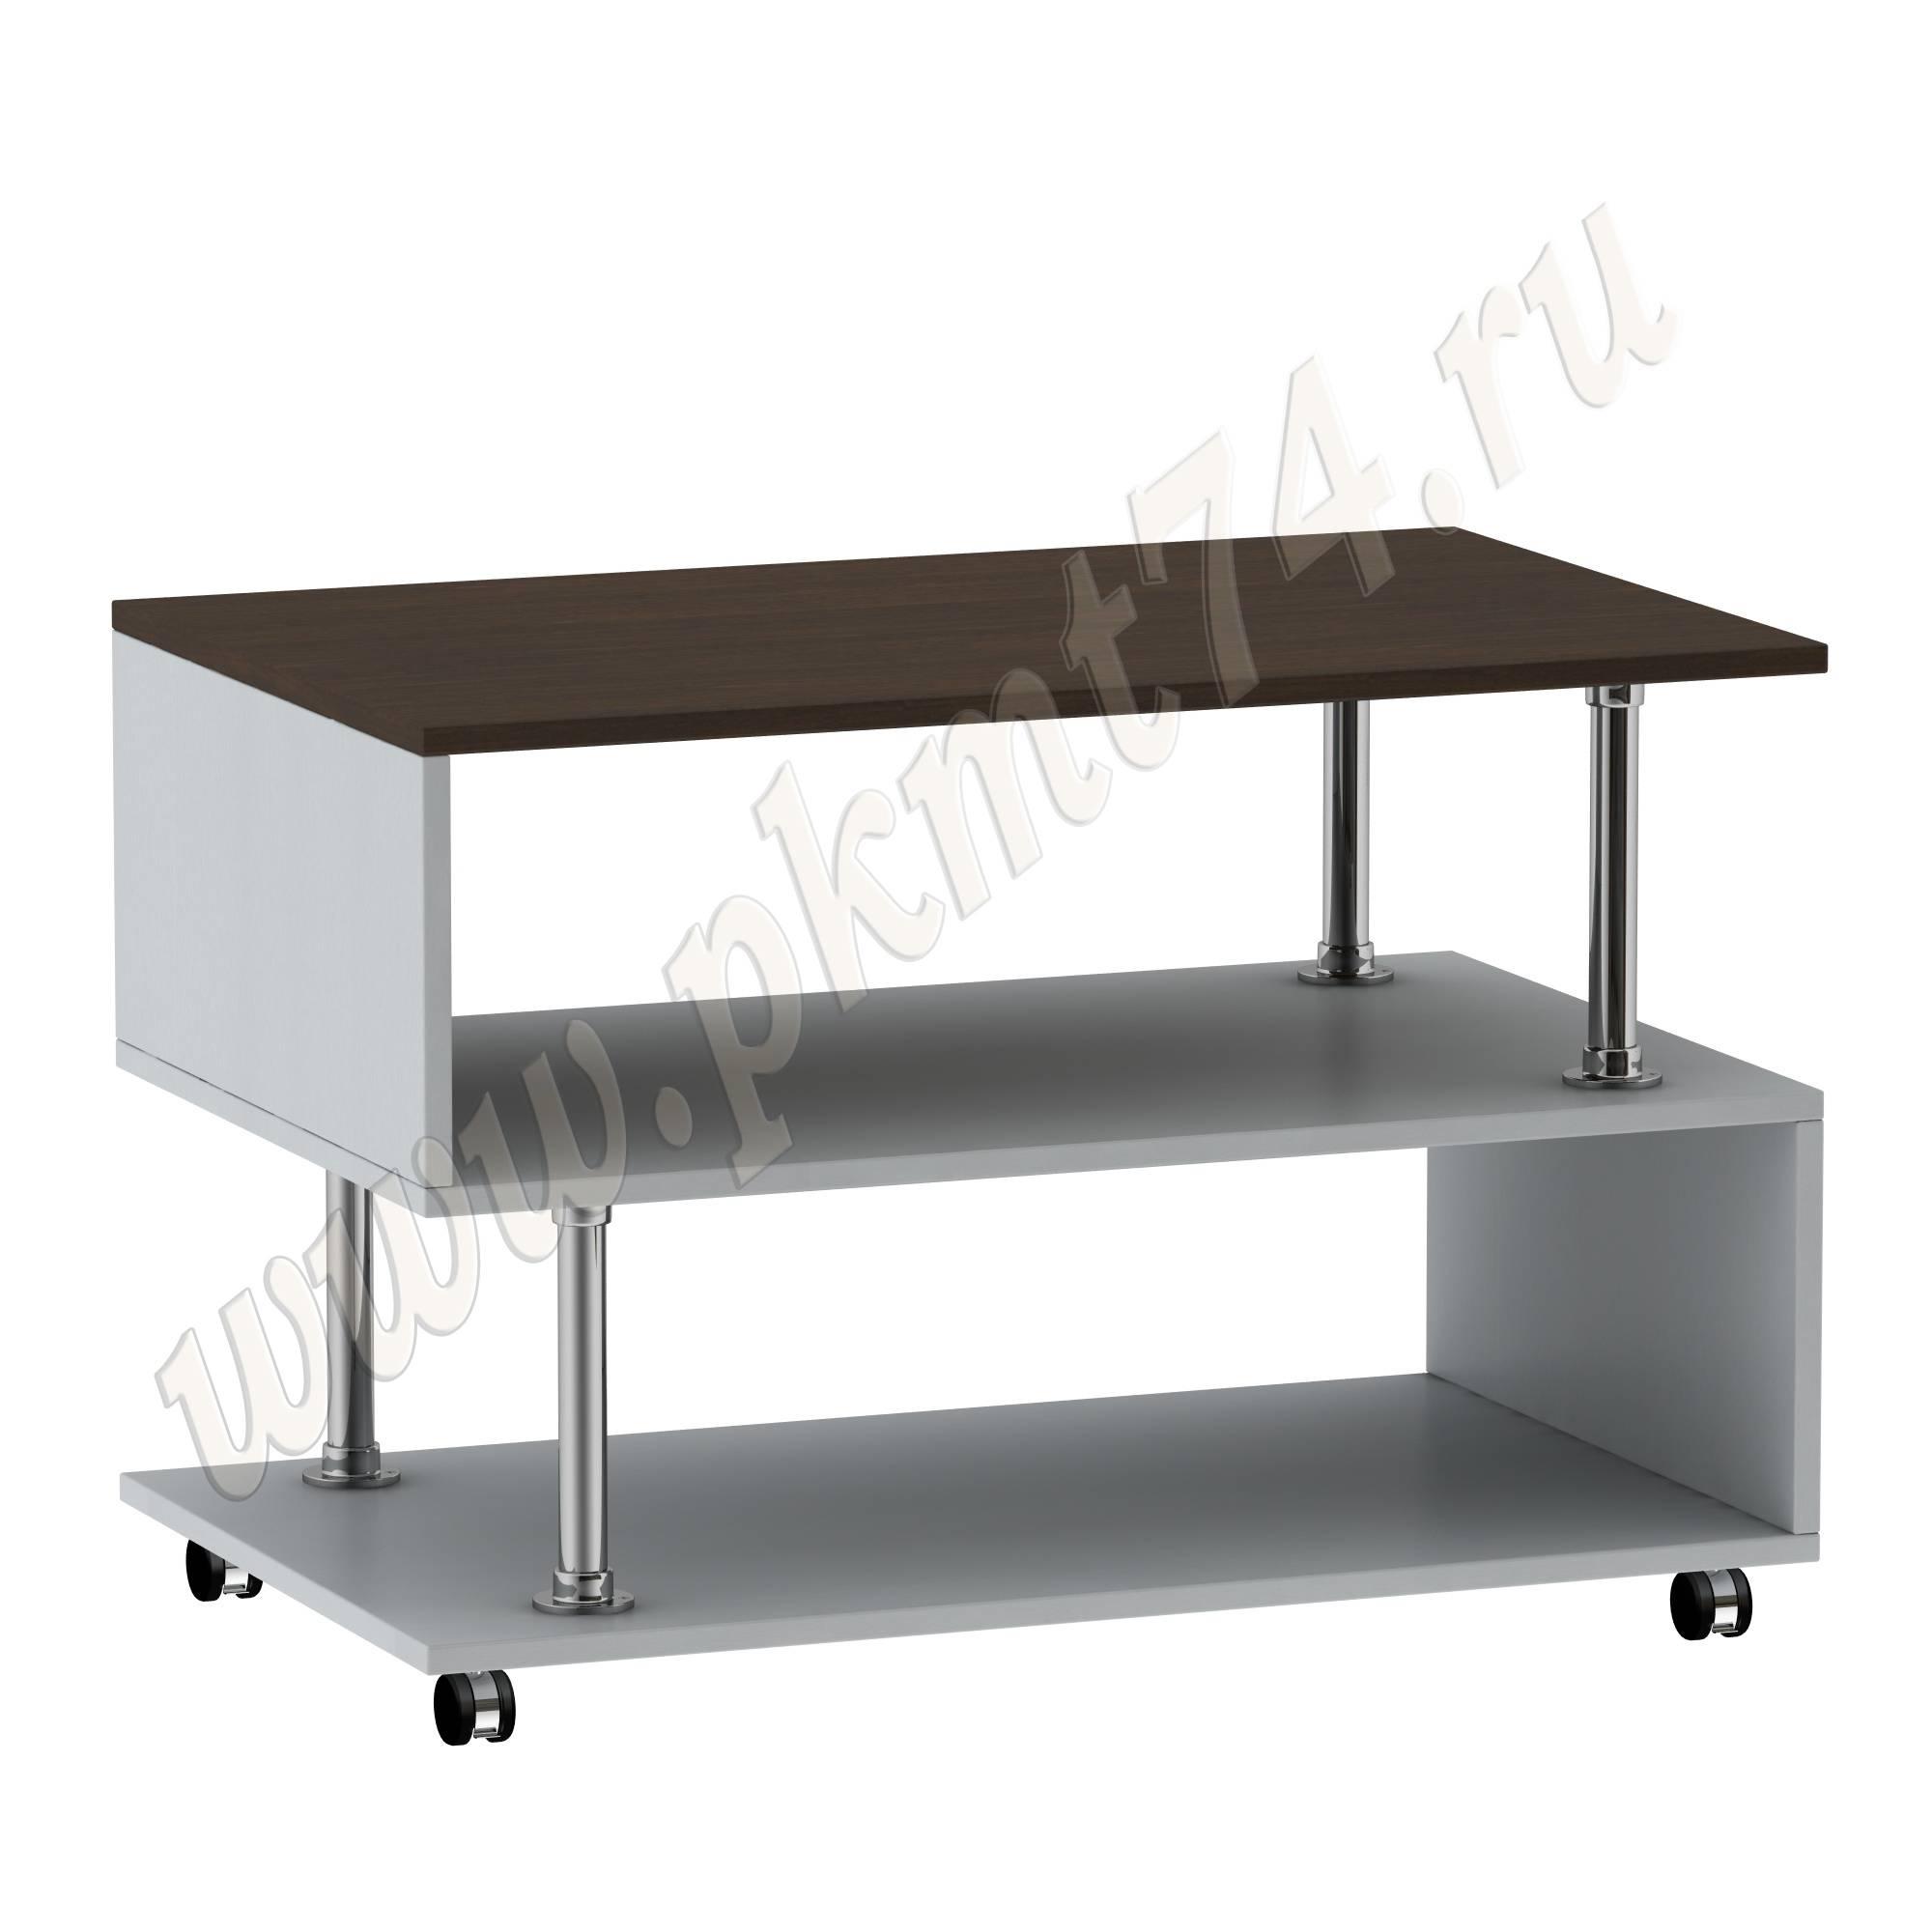 Журнальный стол S [Стандартный цвет:: Орех; Цвета ЛДСП на выбор:: Алюминий-Венге]